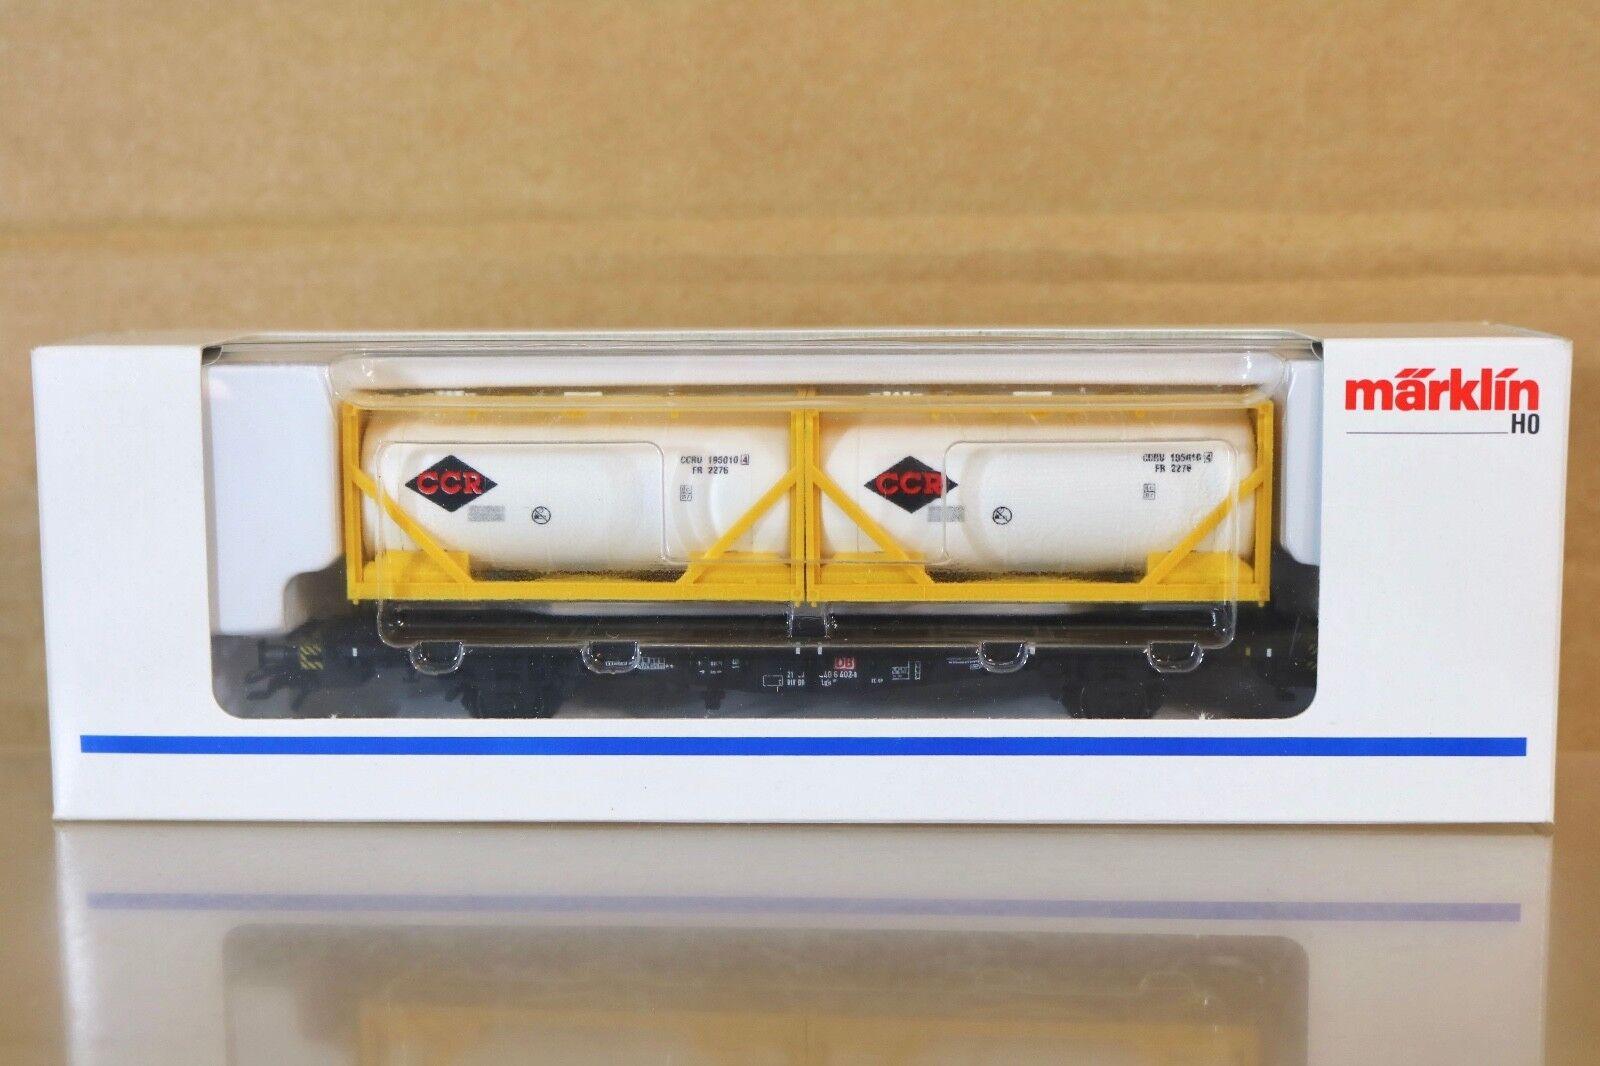 Marklin Märklin 48501 Sondermodell Db Ccr Conteneur Wagon Très Bon État en Boîte